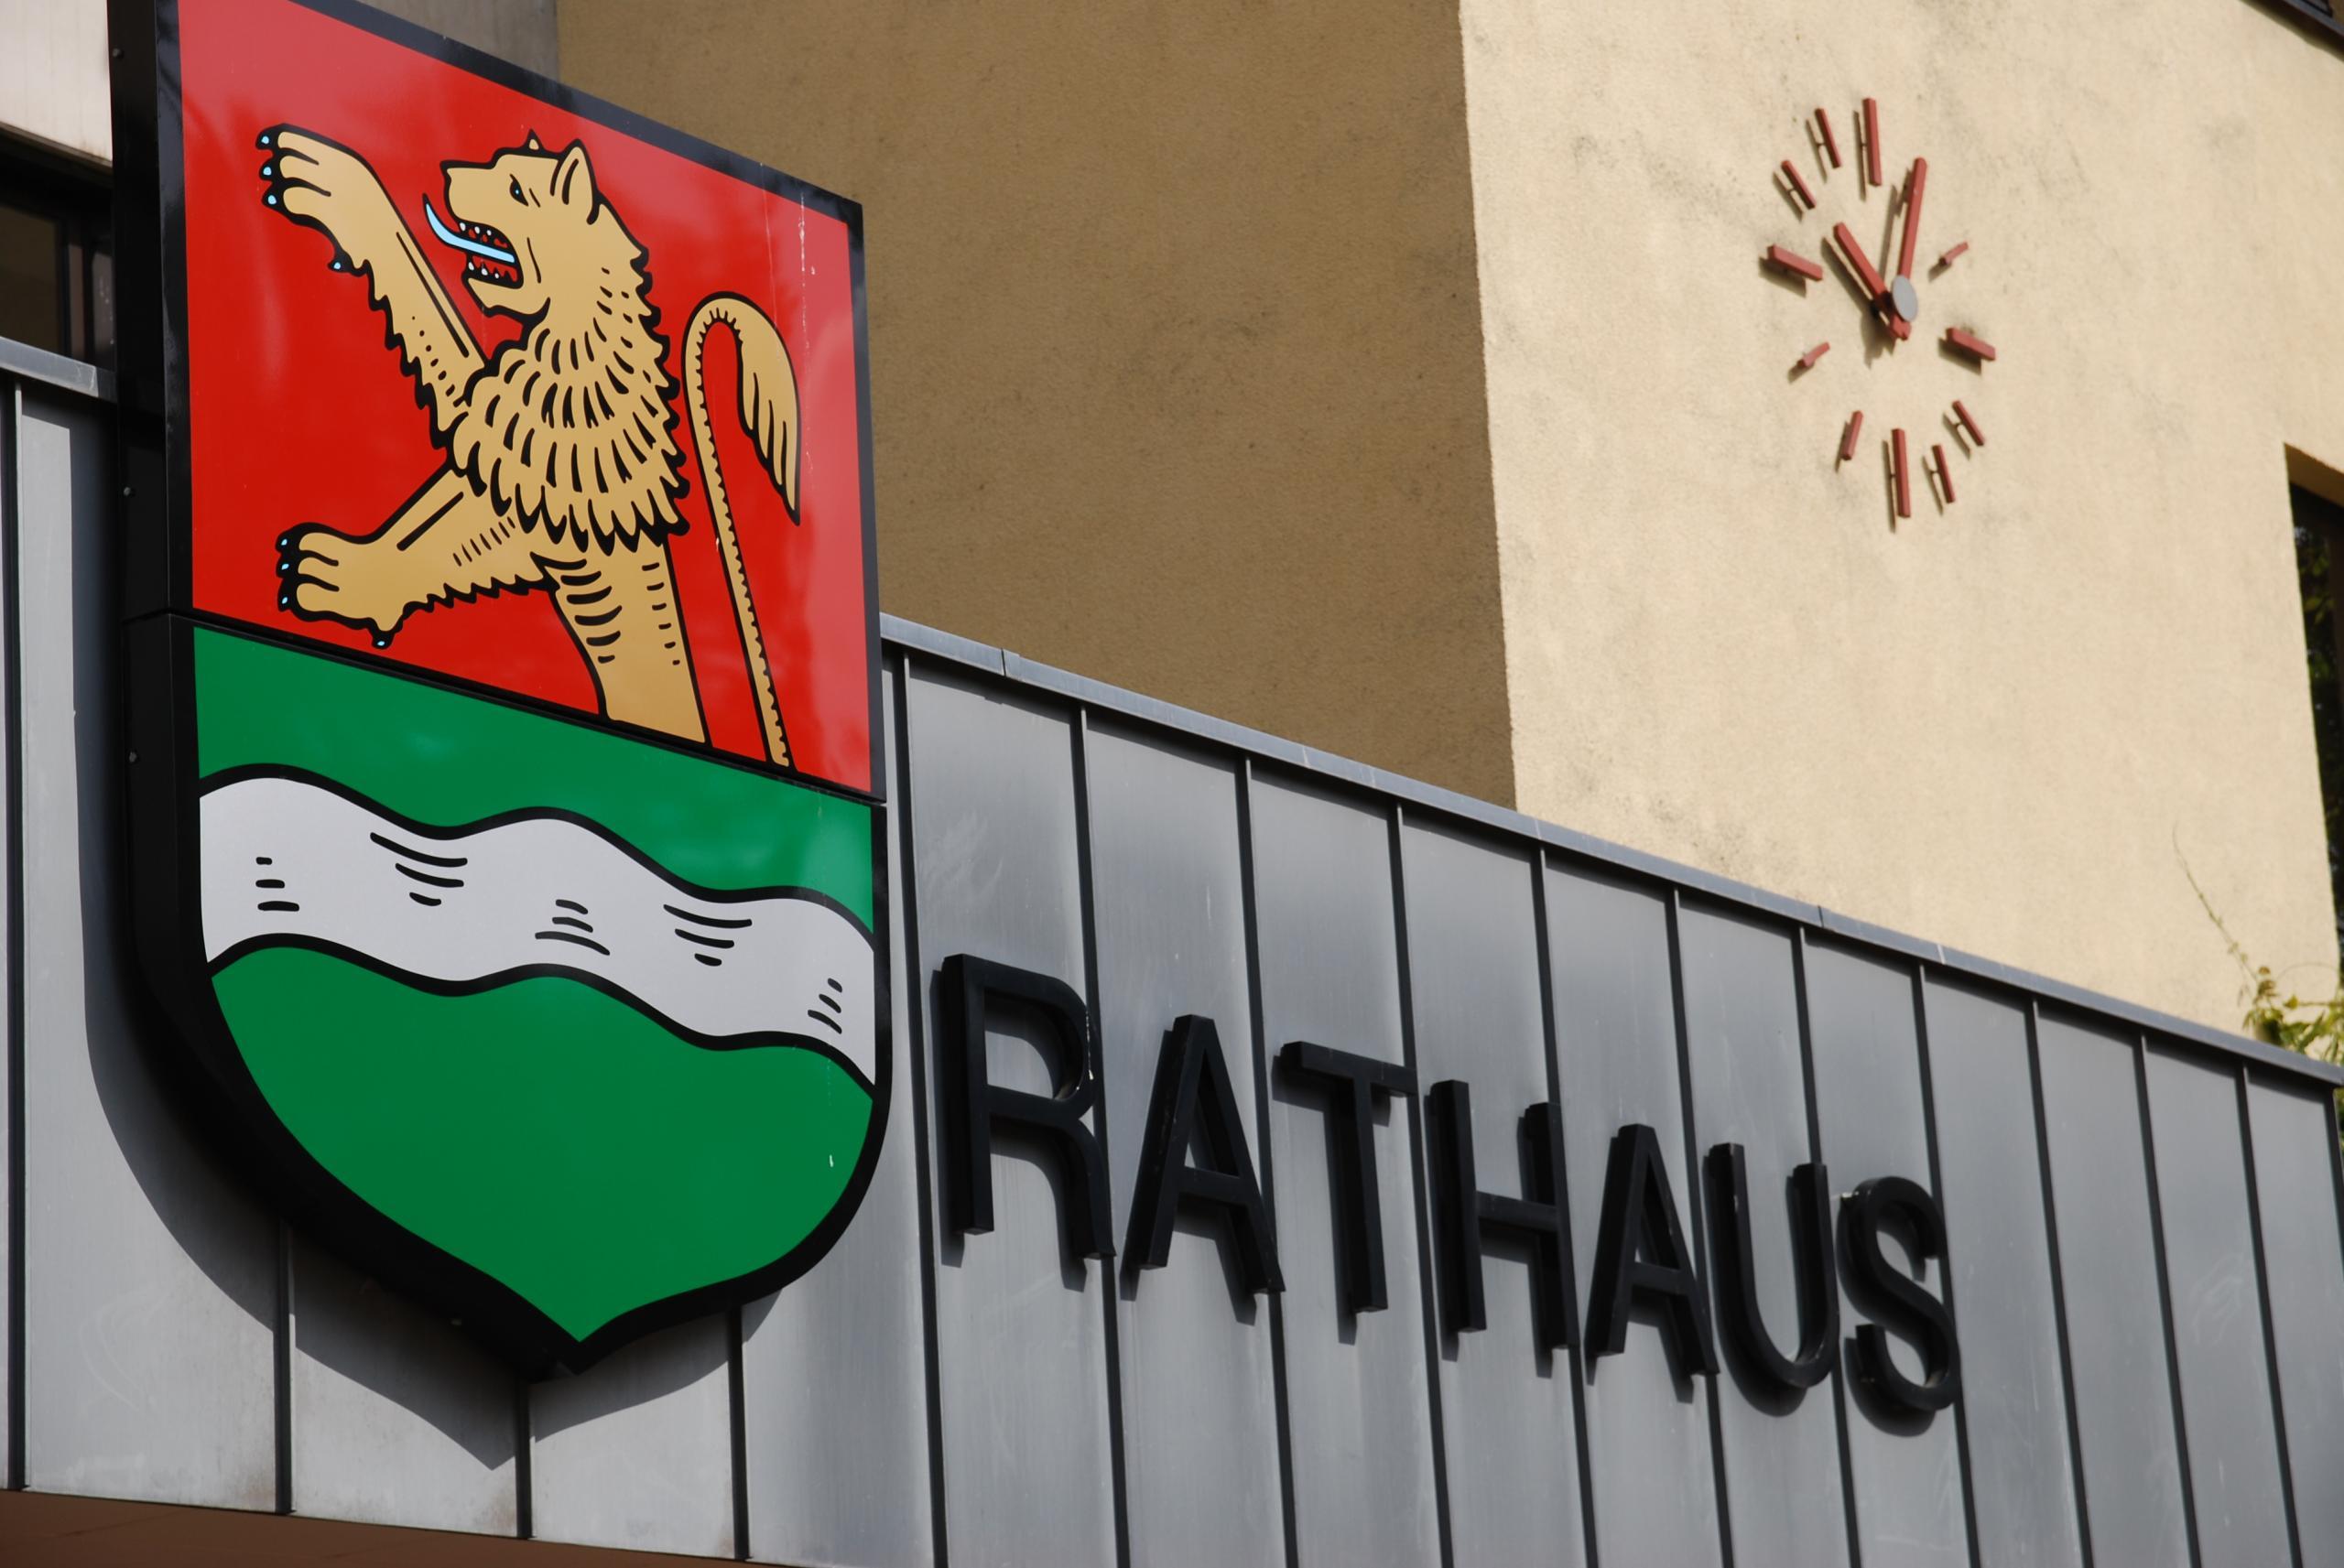 Das Foto zeigt den Rathauseingang mit dem Schriftzug Rathaus und das Laatzener Stadtwappen